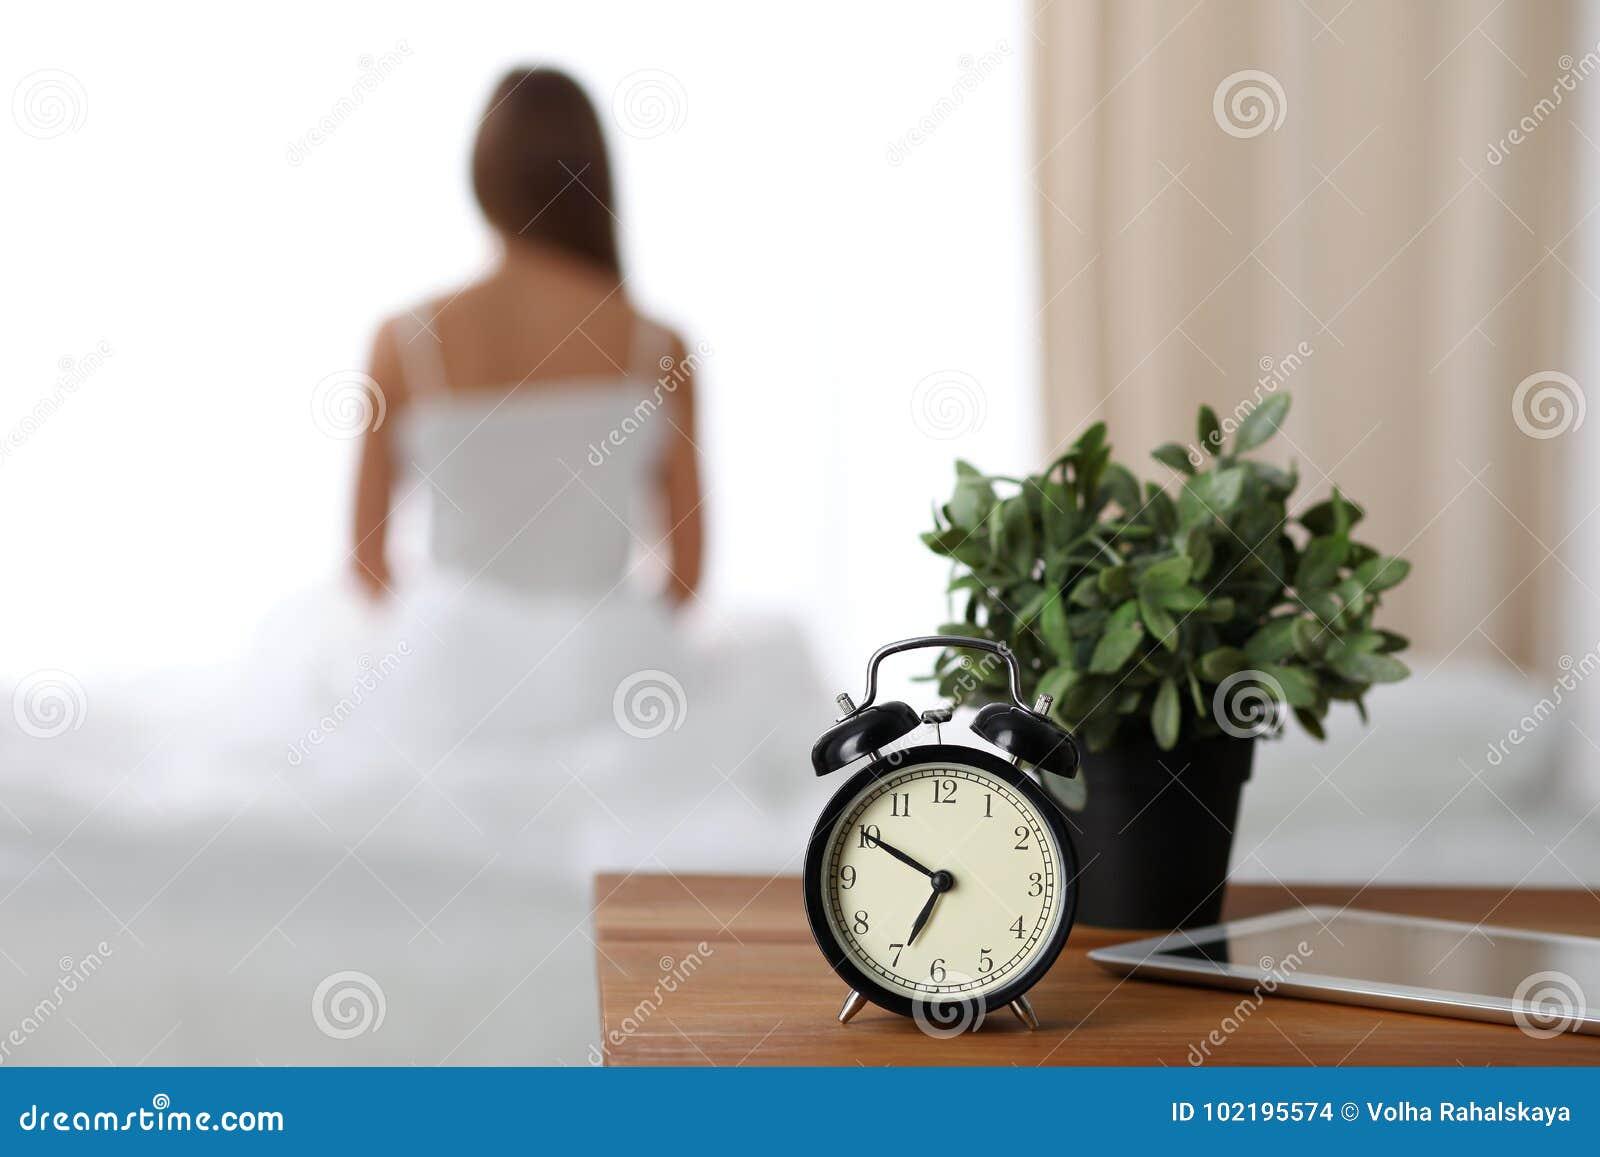 Будильник стоя на прикроватном столике имеет уже звенел рано утром для того чтобы проспать вверх по женщине протягивает в кровати